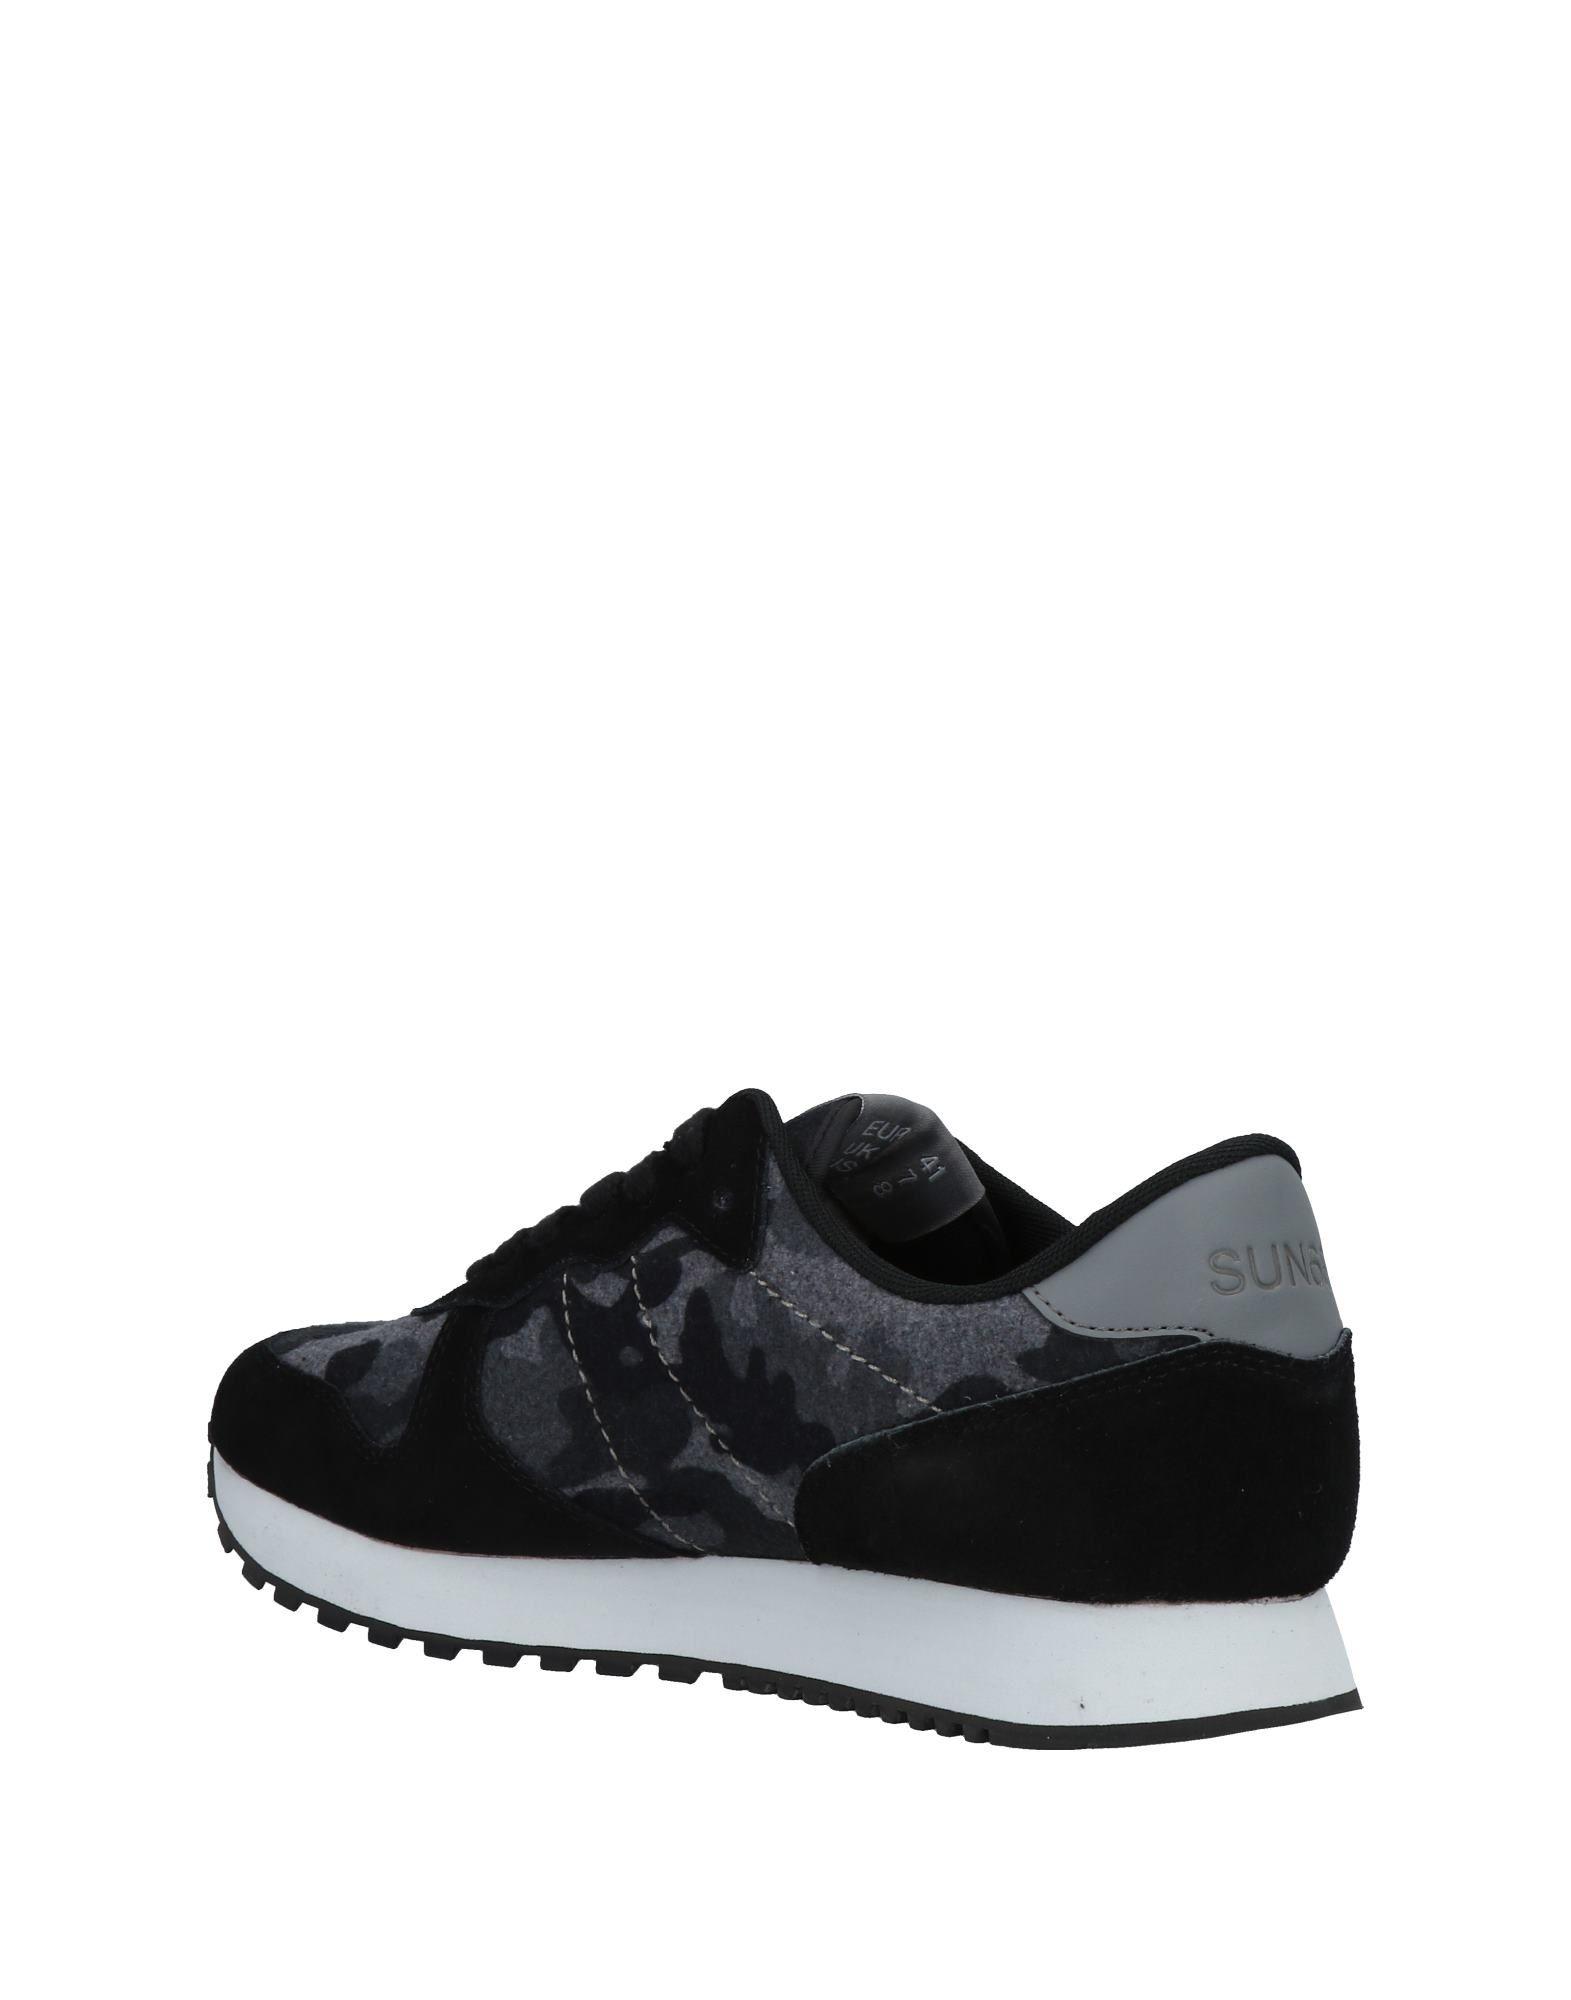 Sun 68 68 68 Sneakers - Men Sun 68 Sneakers online on  Canada - 11481301XL 2961fe